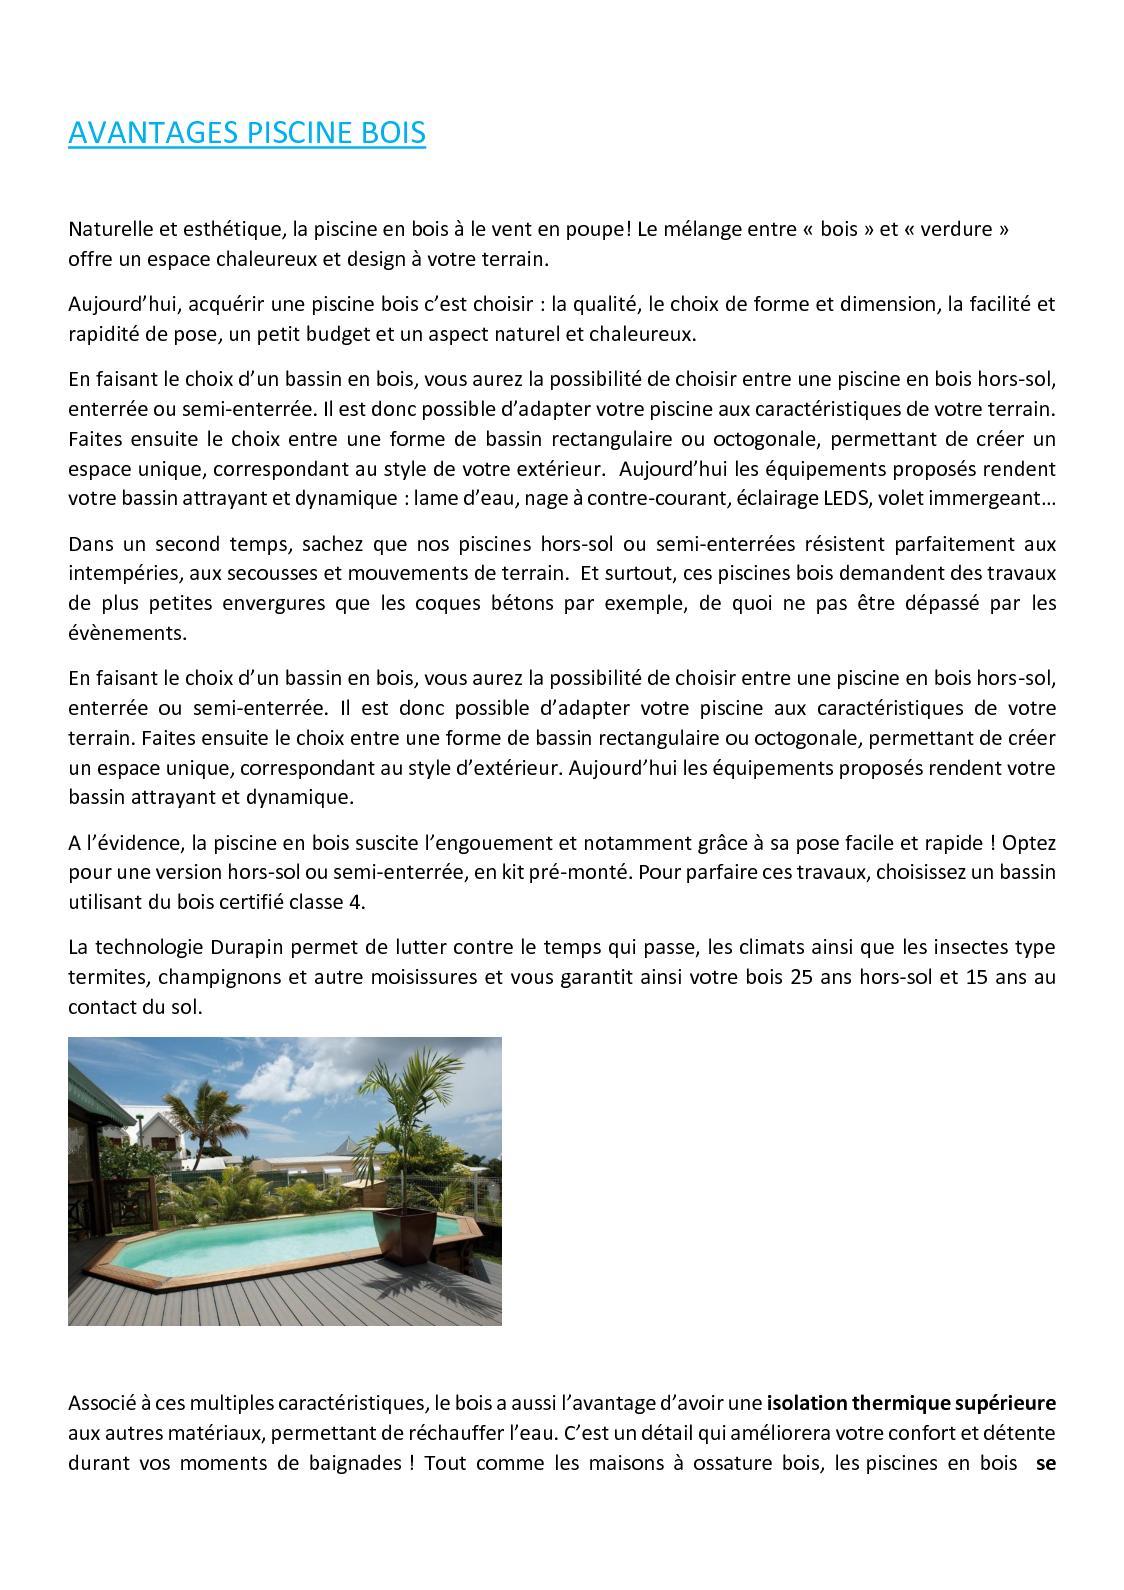 Piscine Hors Sol Bois Petite Dimension calaméo - avantages piscine bois